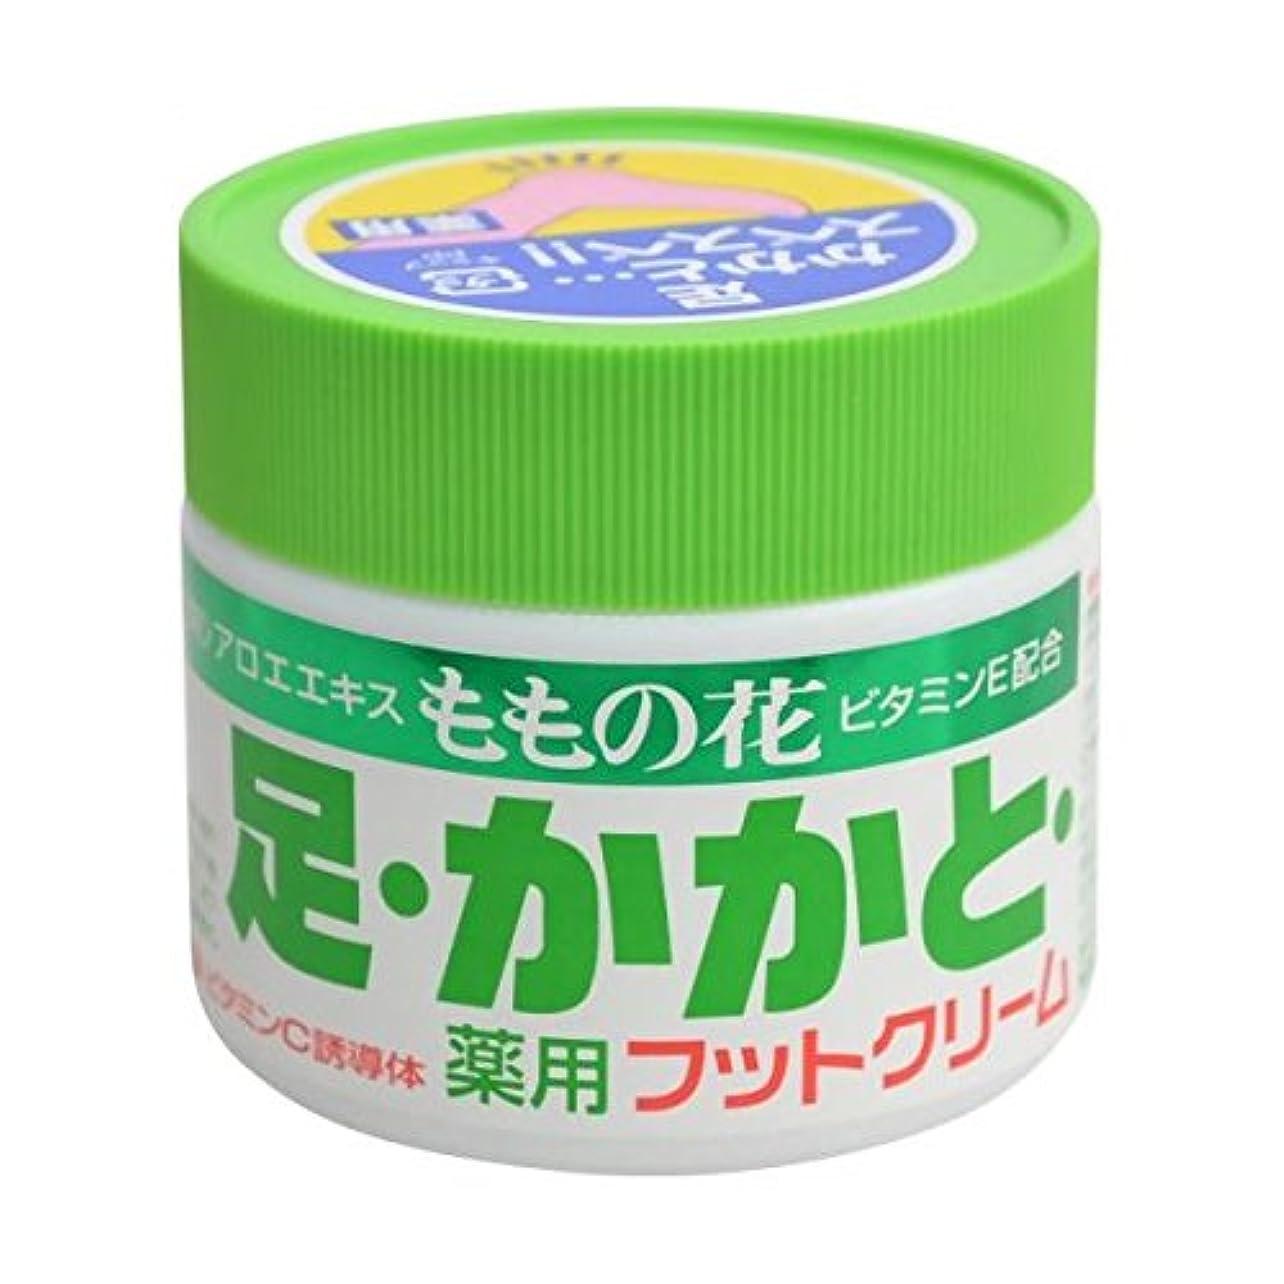 レタスラダアクチュエータももの花 薬用フットクリーム 70g